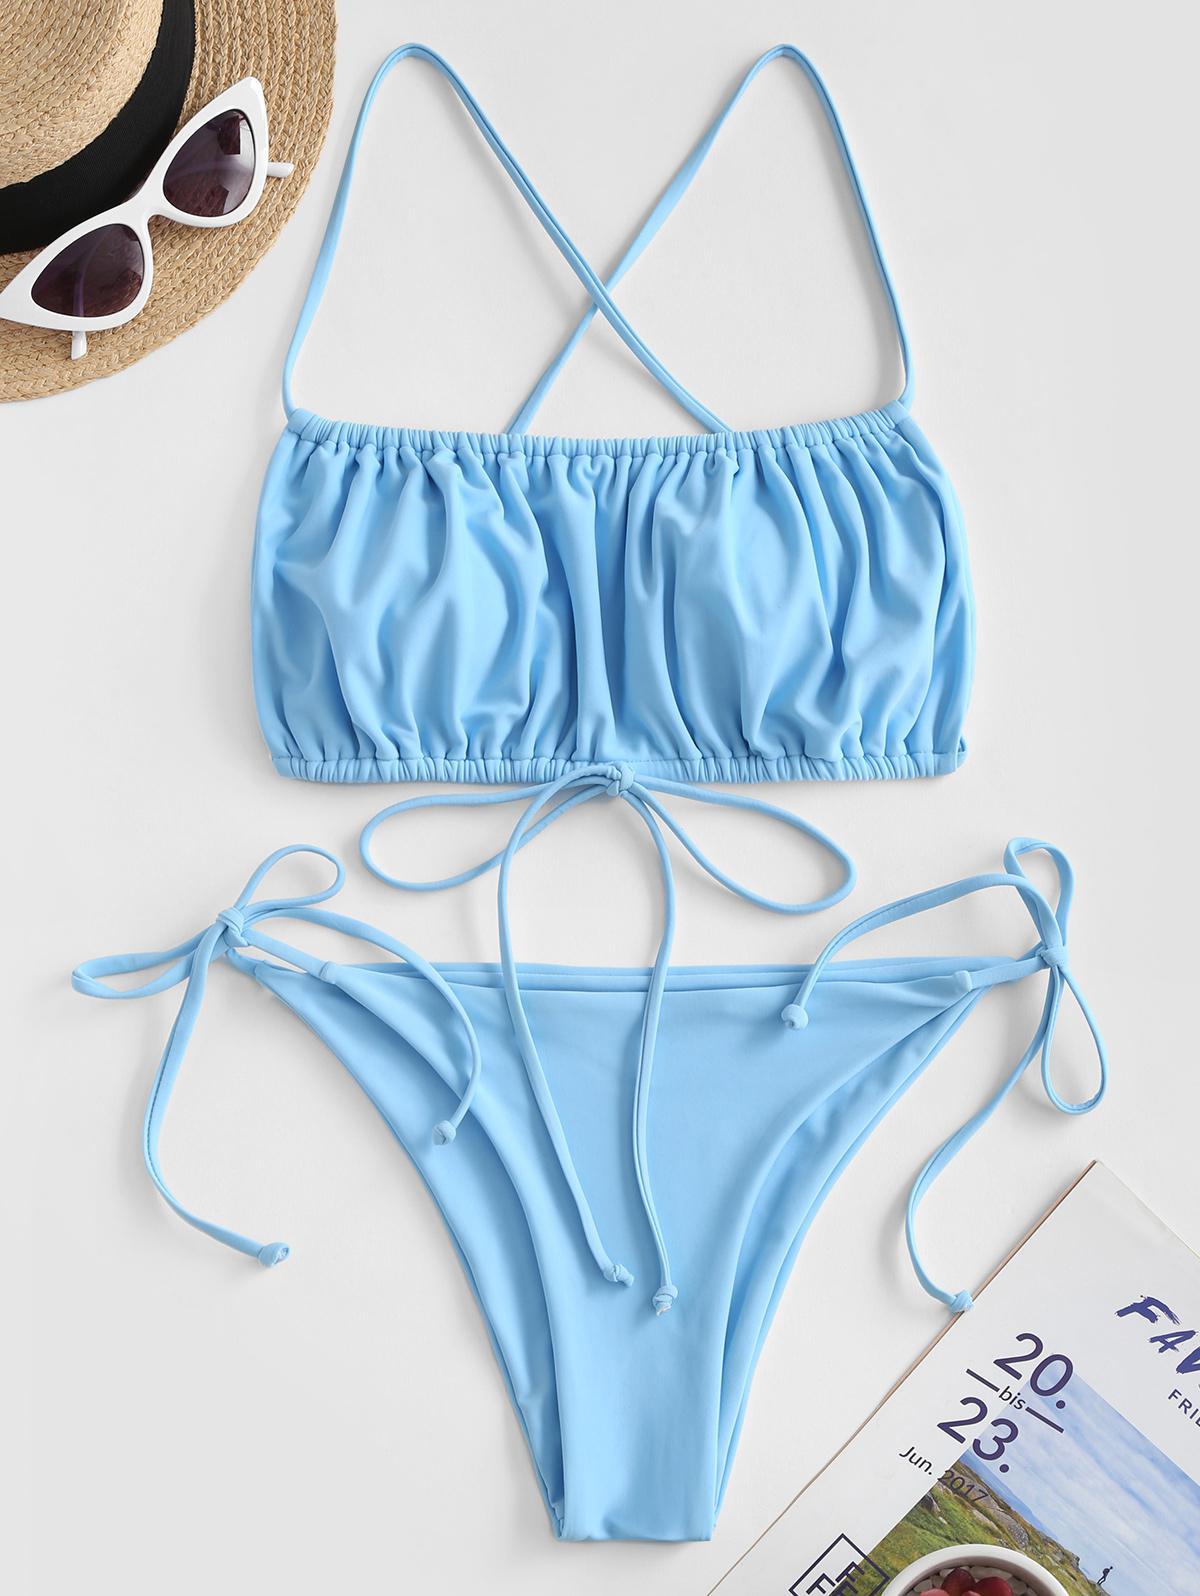 Zaful coupon: ZAFUL Crisscross Ruched Tie Side Bikini Swimsuit